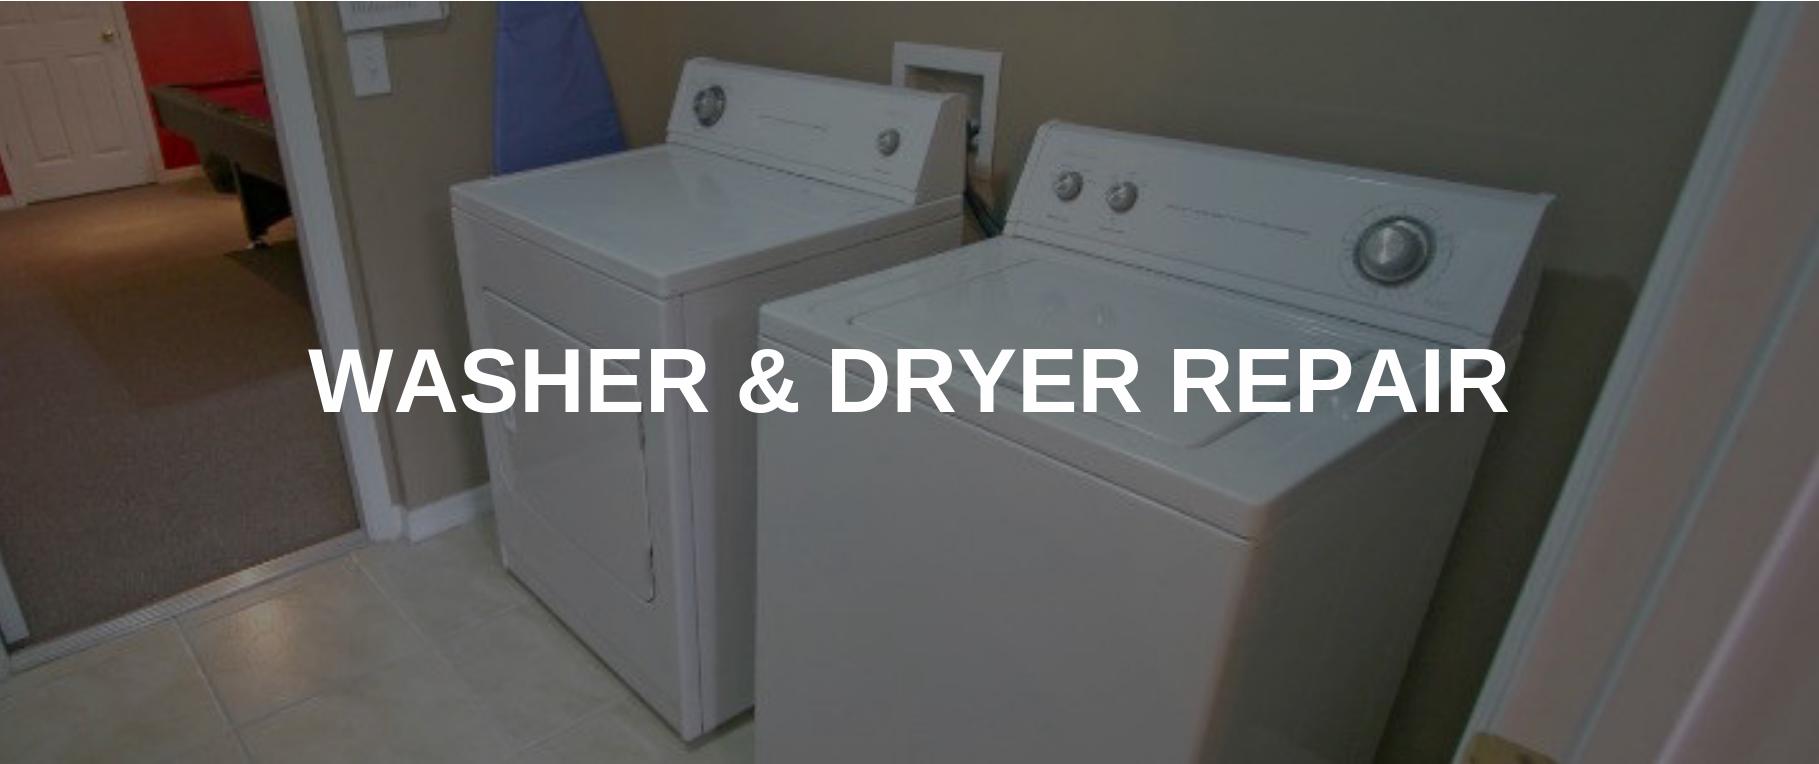 washing machine repair norwich